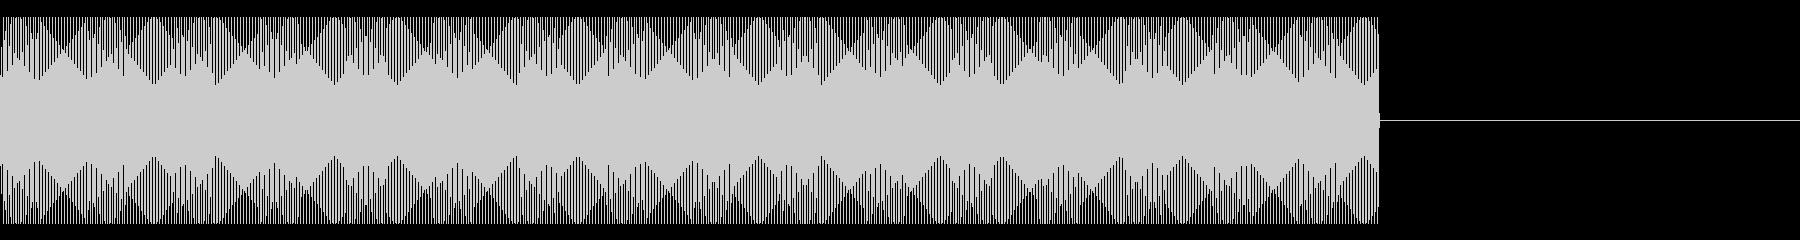 FX・SE/電話/着信音/コール/キーAの未再生の波形